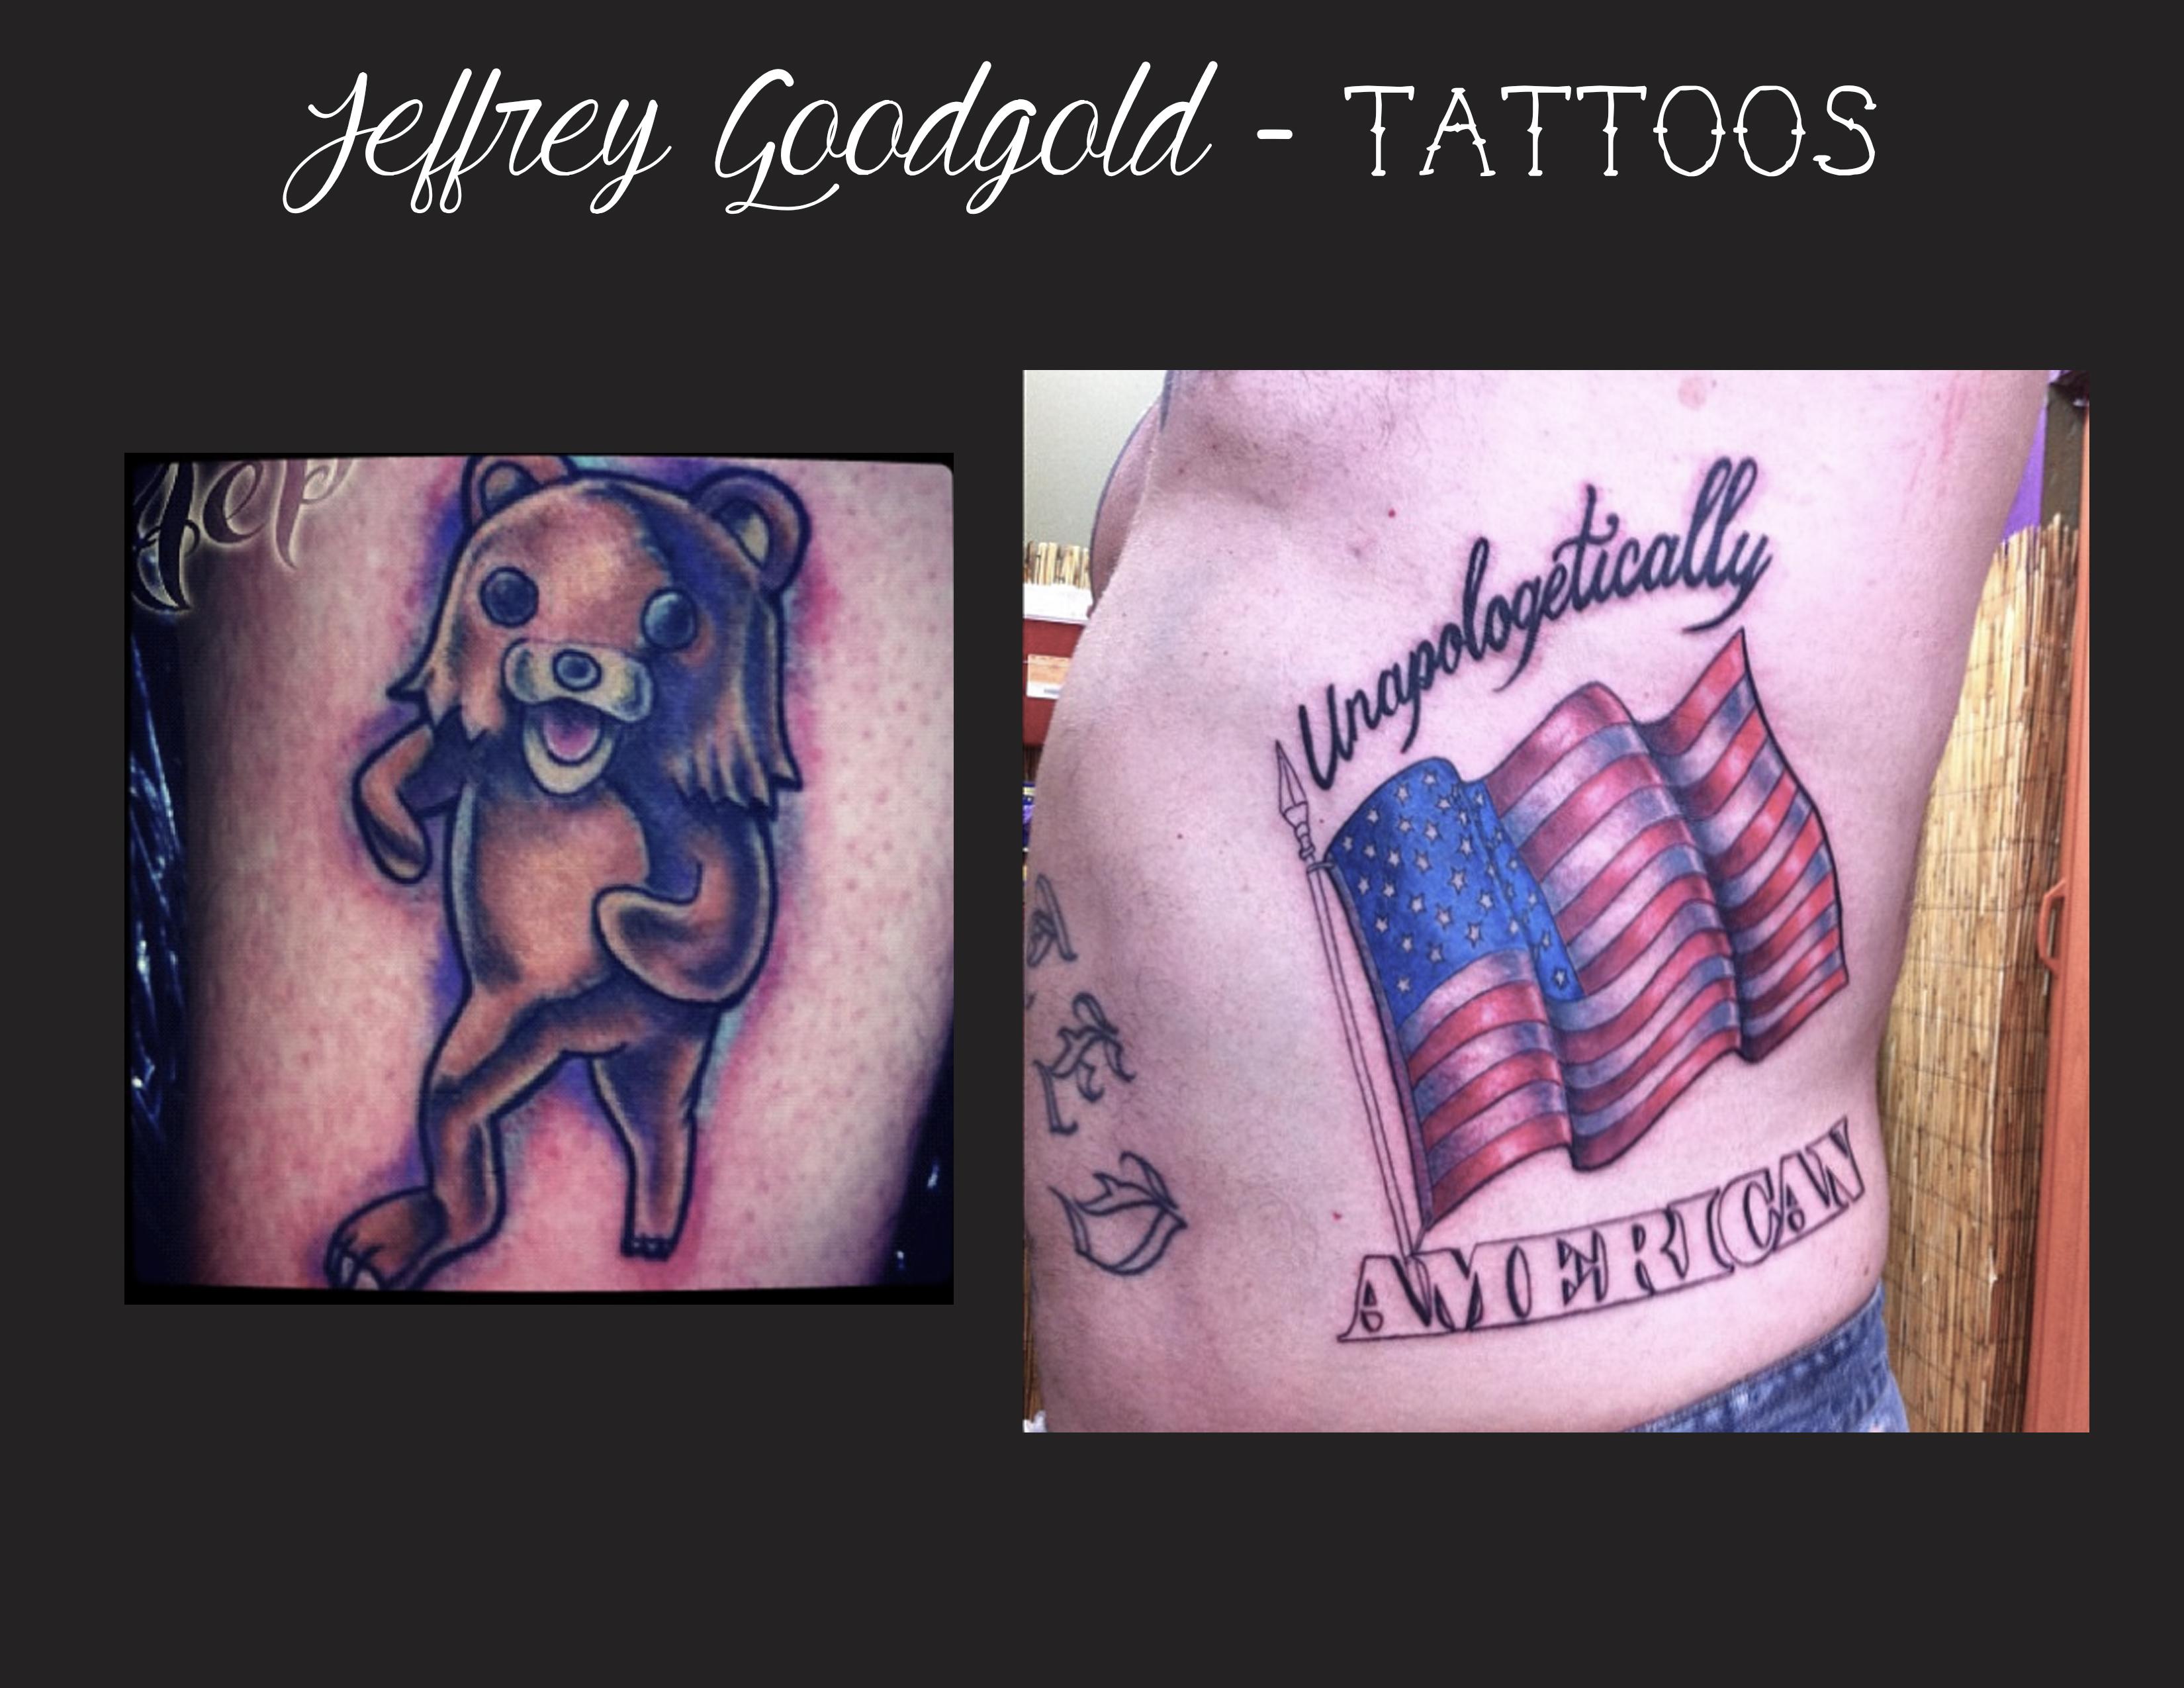 pedobear & flag tattoo